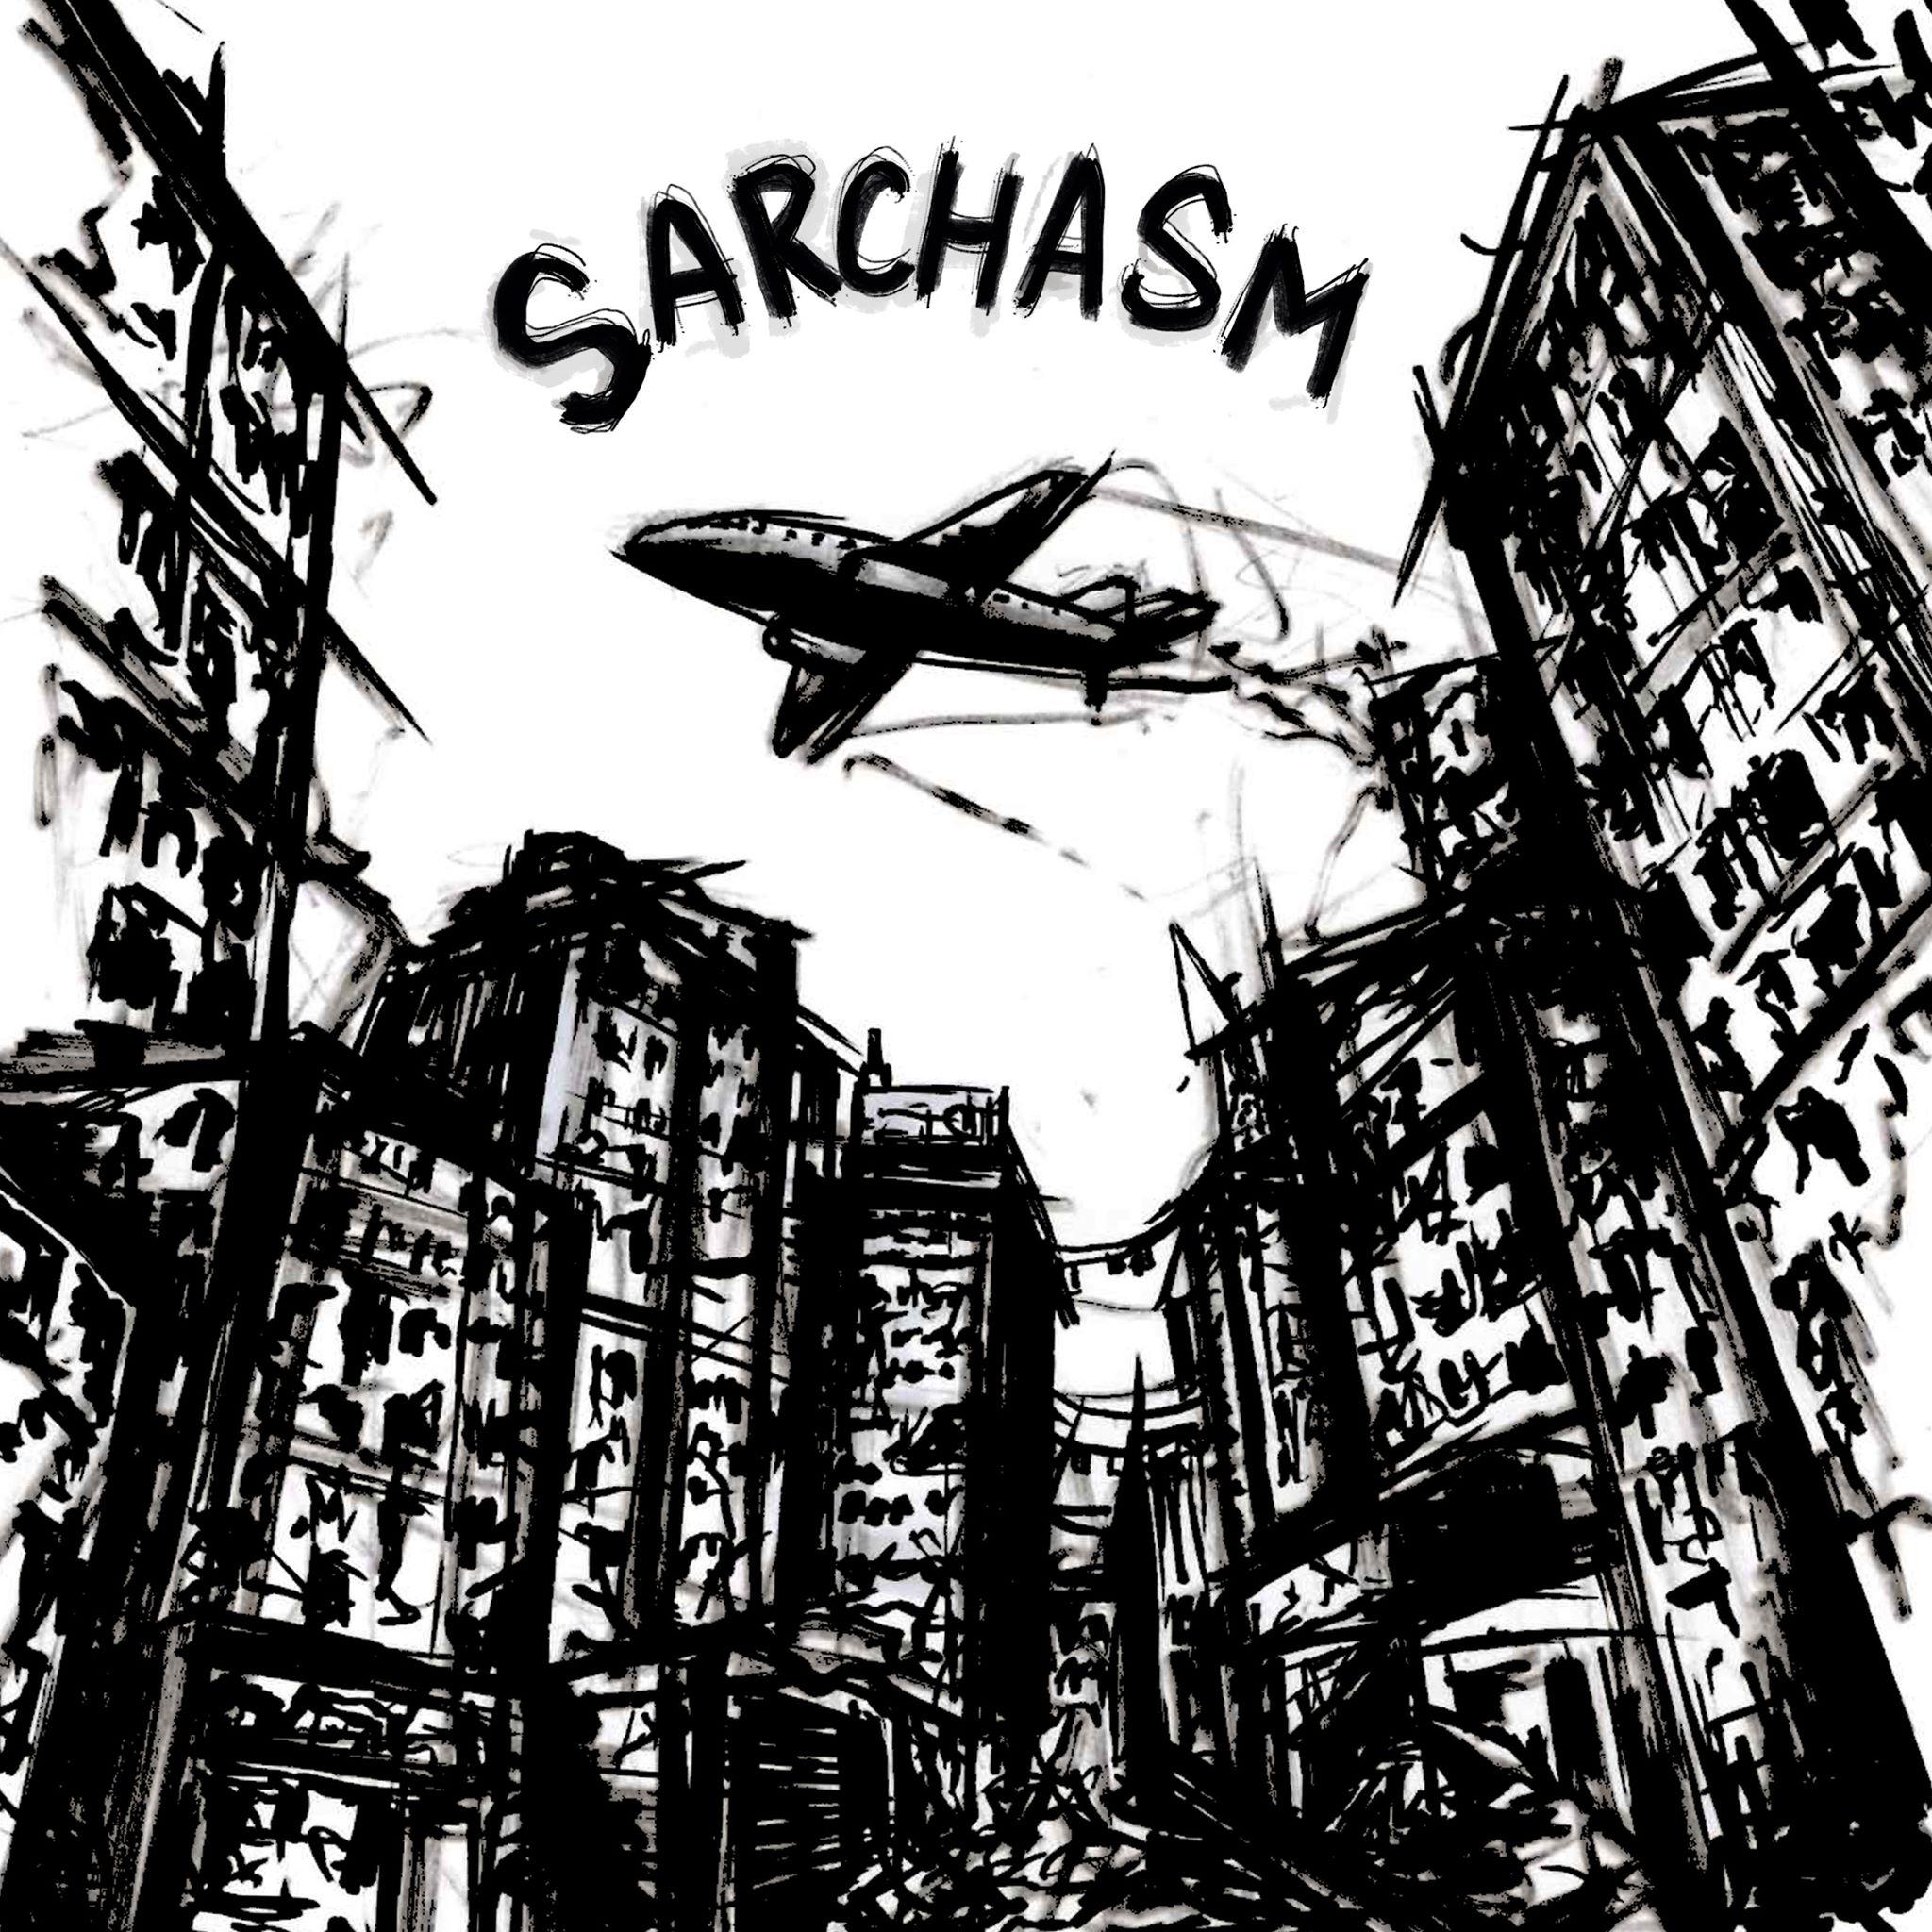 SARCHASM S/T LP/CD